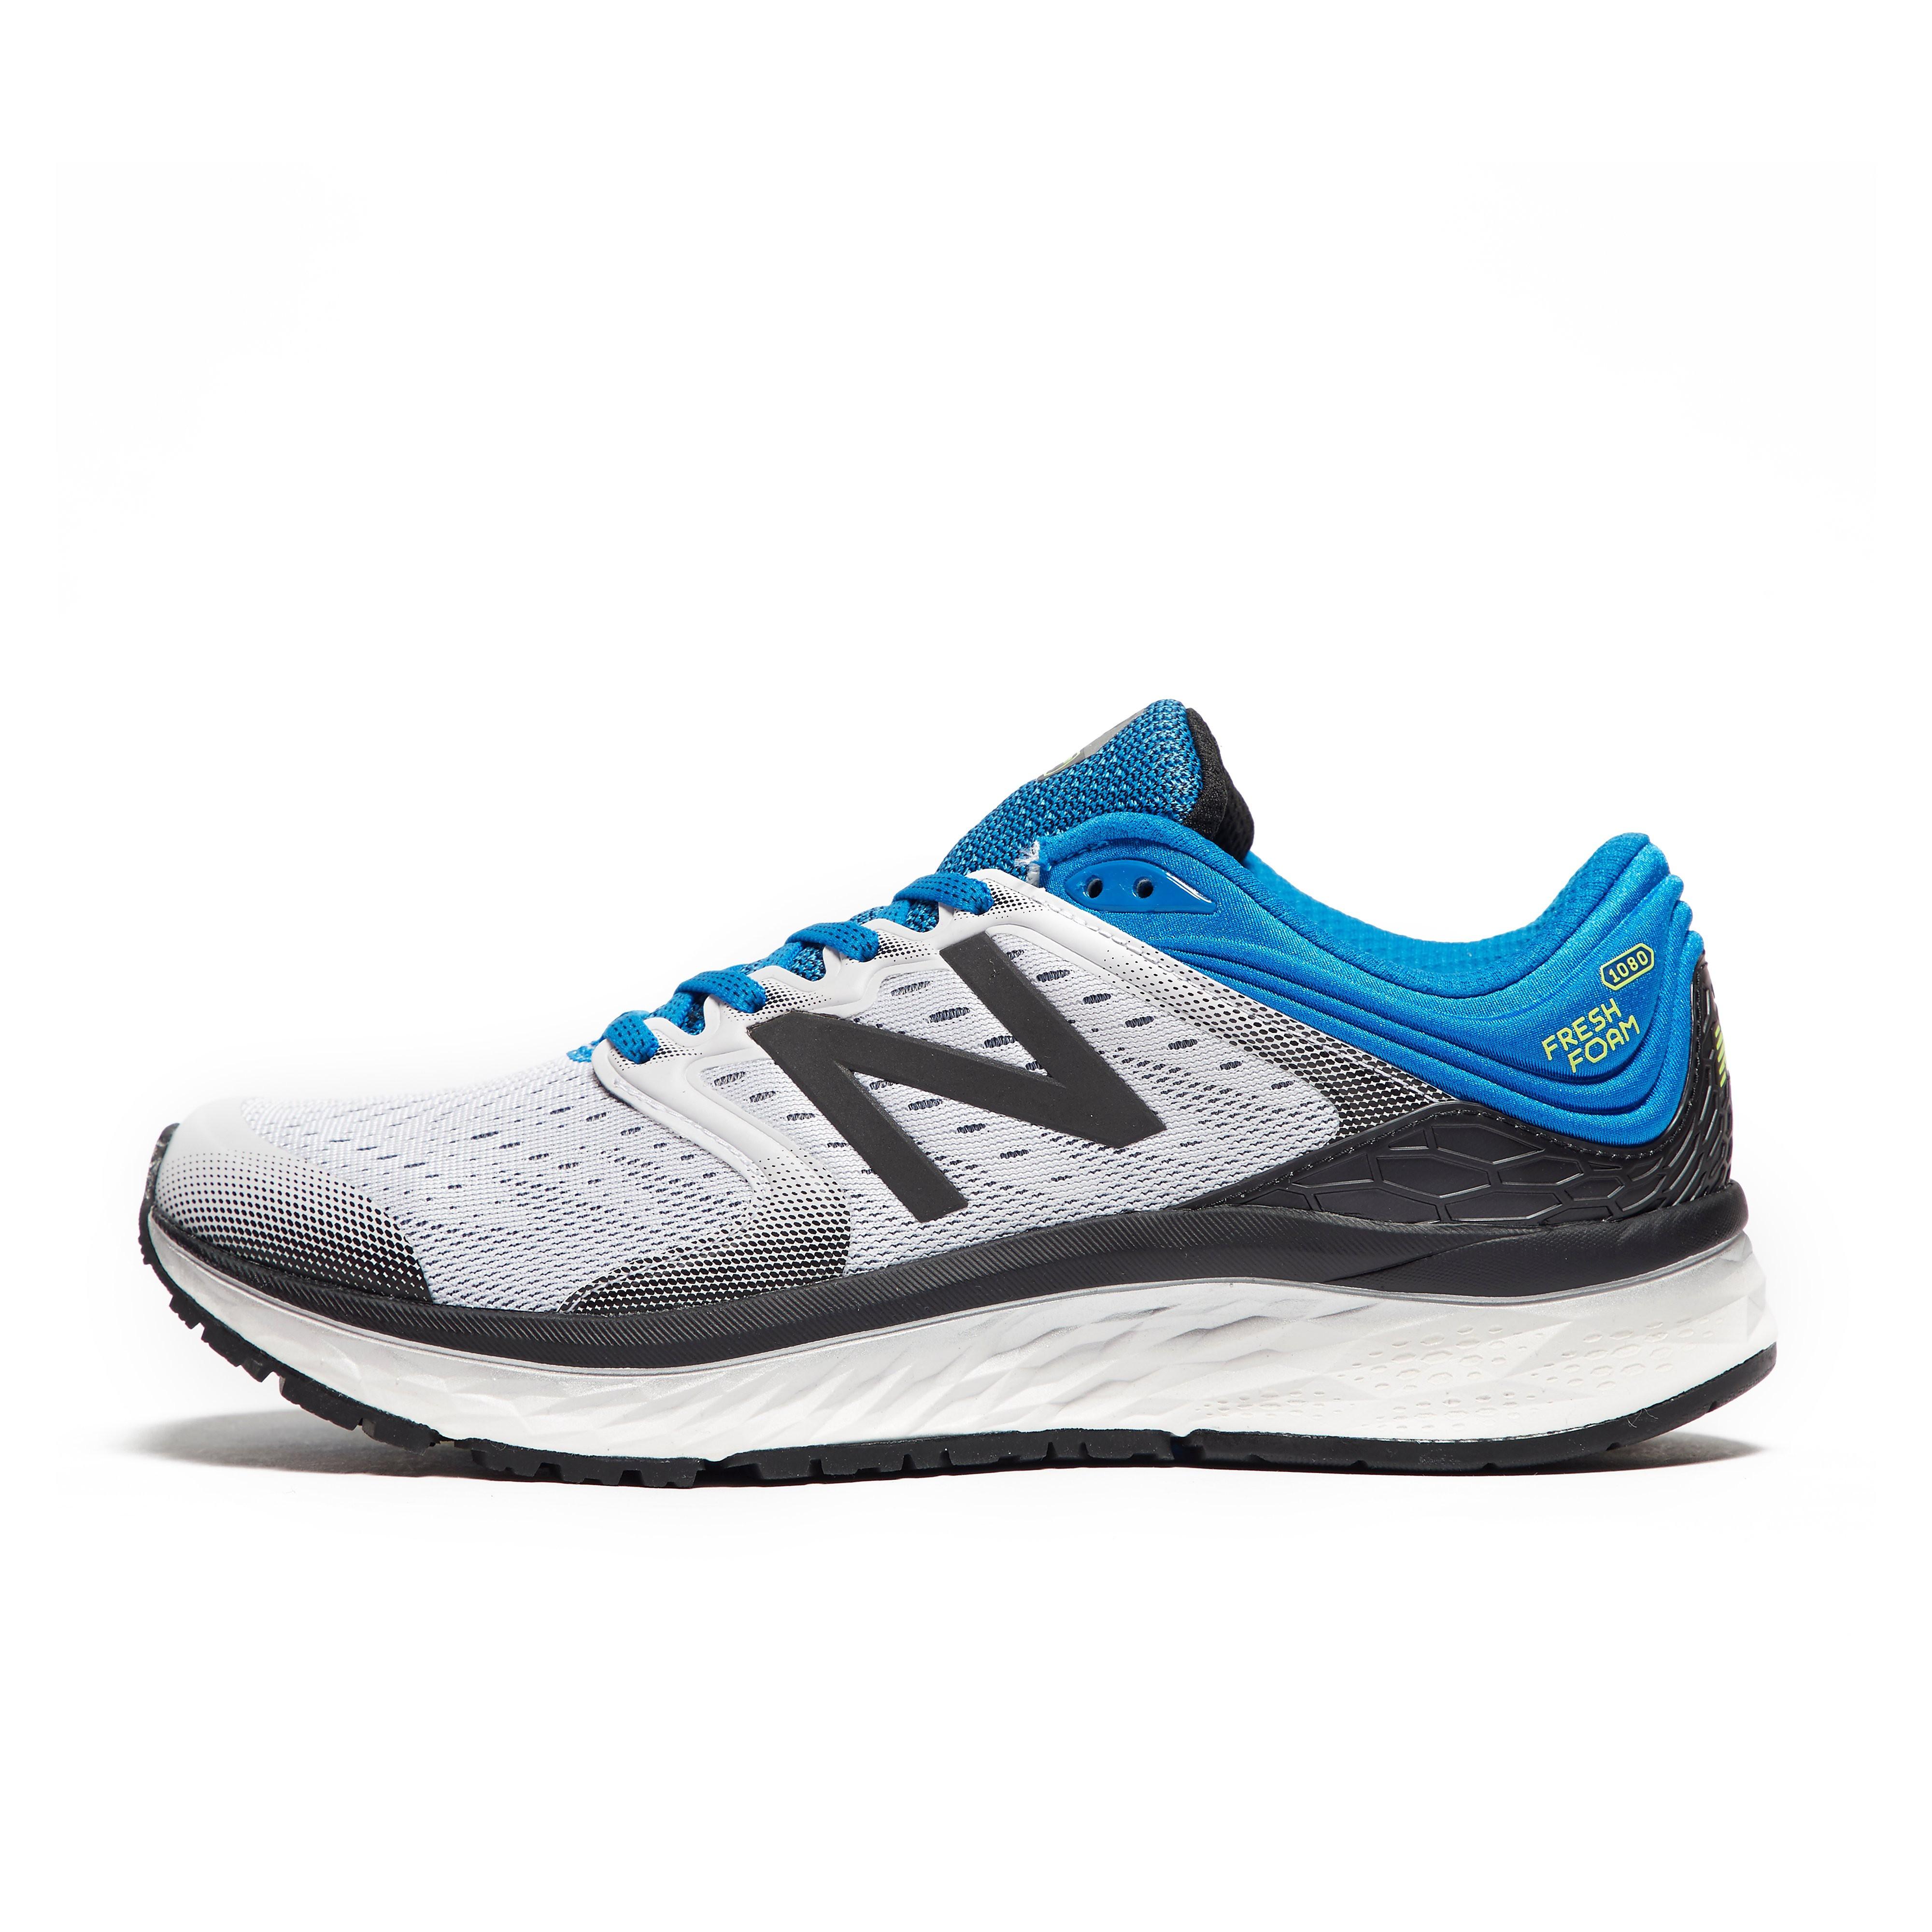 Mens White New Balance Fresh Foam 1080v8 Running Shoes